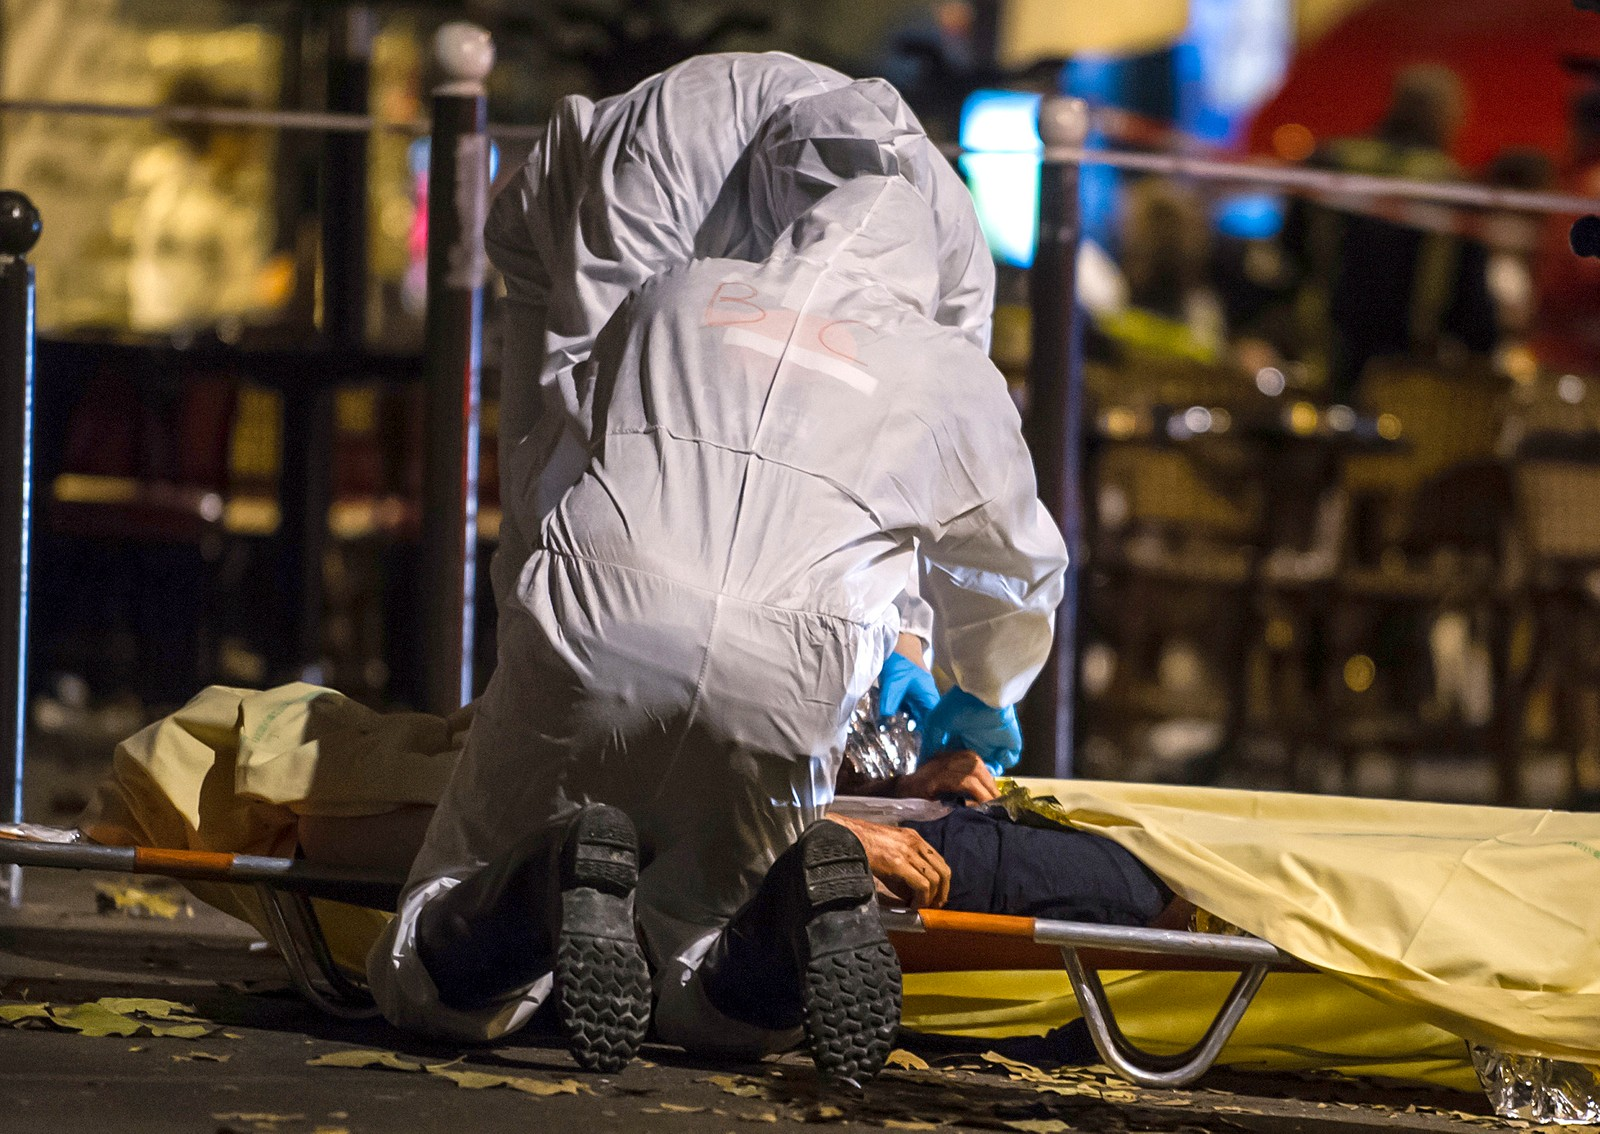 DØDE KROPPER I GATENE: Angriperne slo til omtrent samtidig mot konsertlokalet Bataclan og ved stadionet Stade de France. På vei til Bataclan åpnet væpnede menn ild mot flere kafeer og etterlot seg mange døde i Paris' gater.